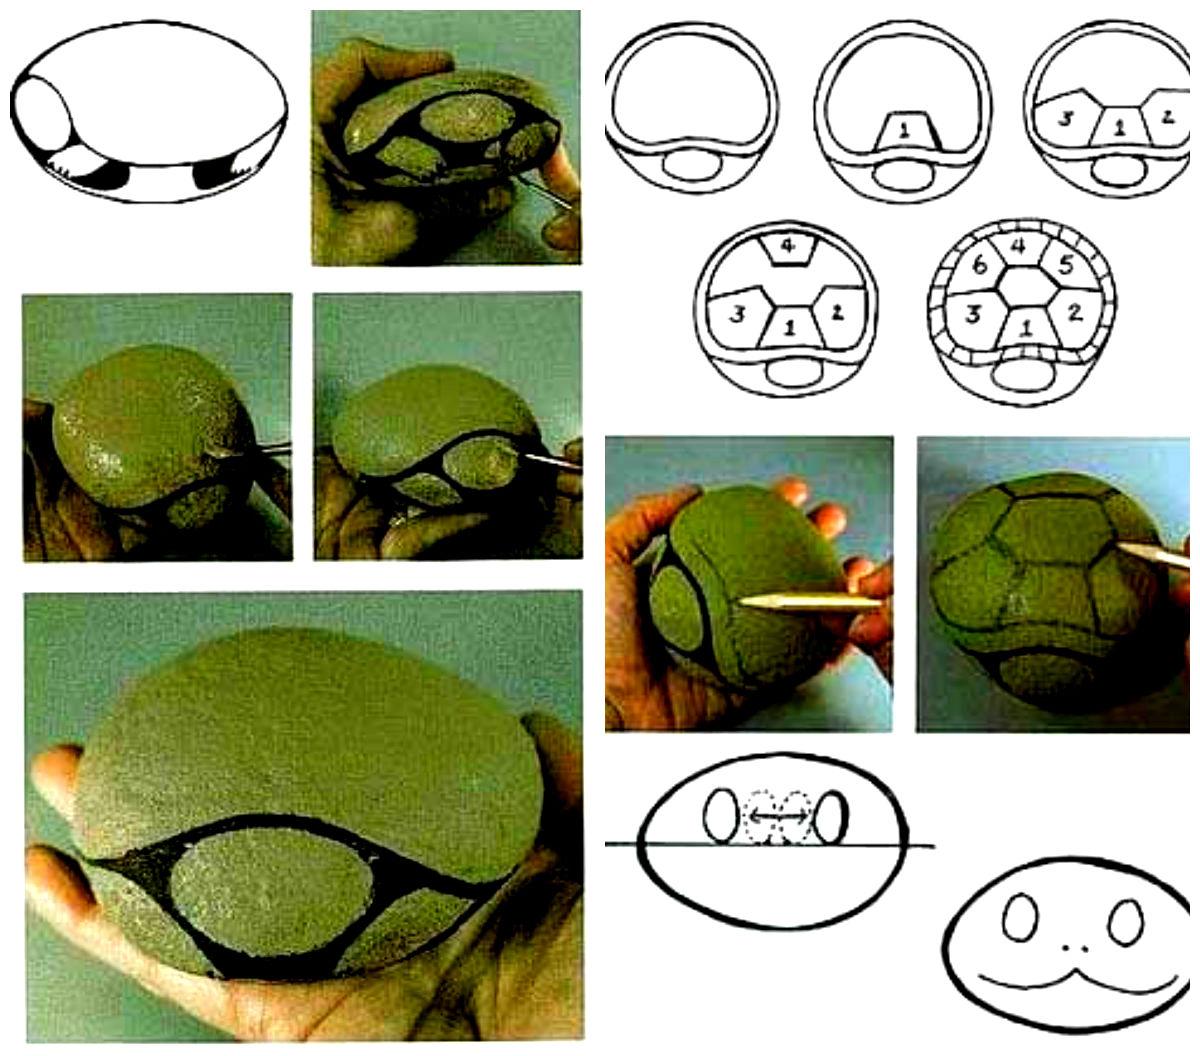 Как сделать черепаху своими руками для сада из цемента 67